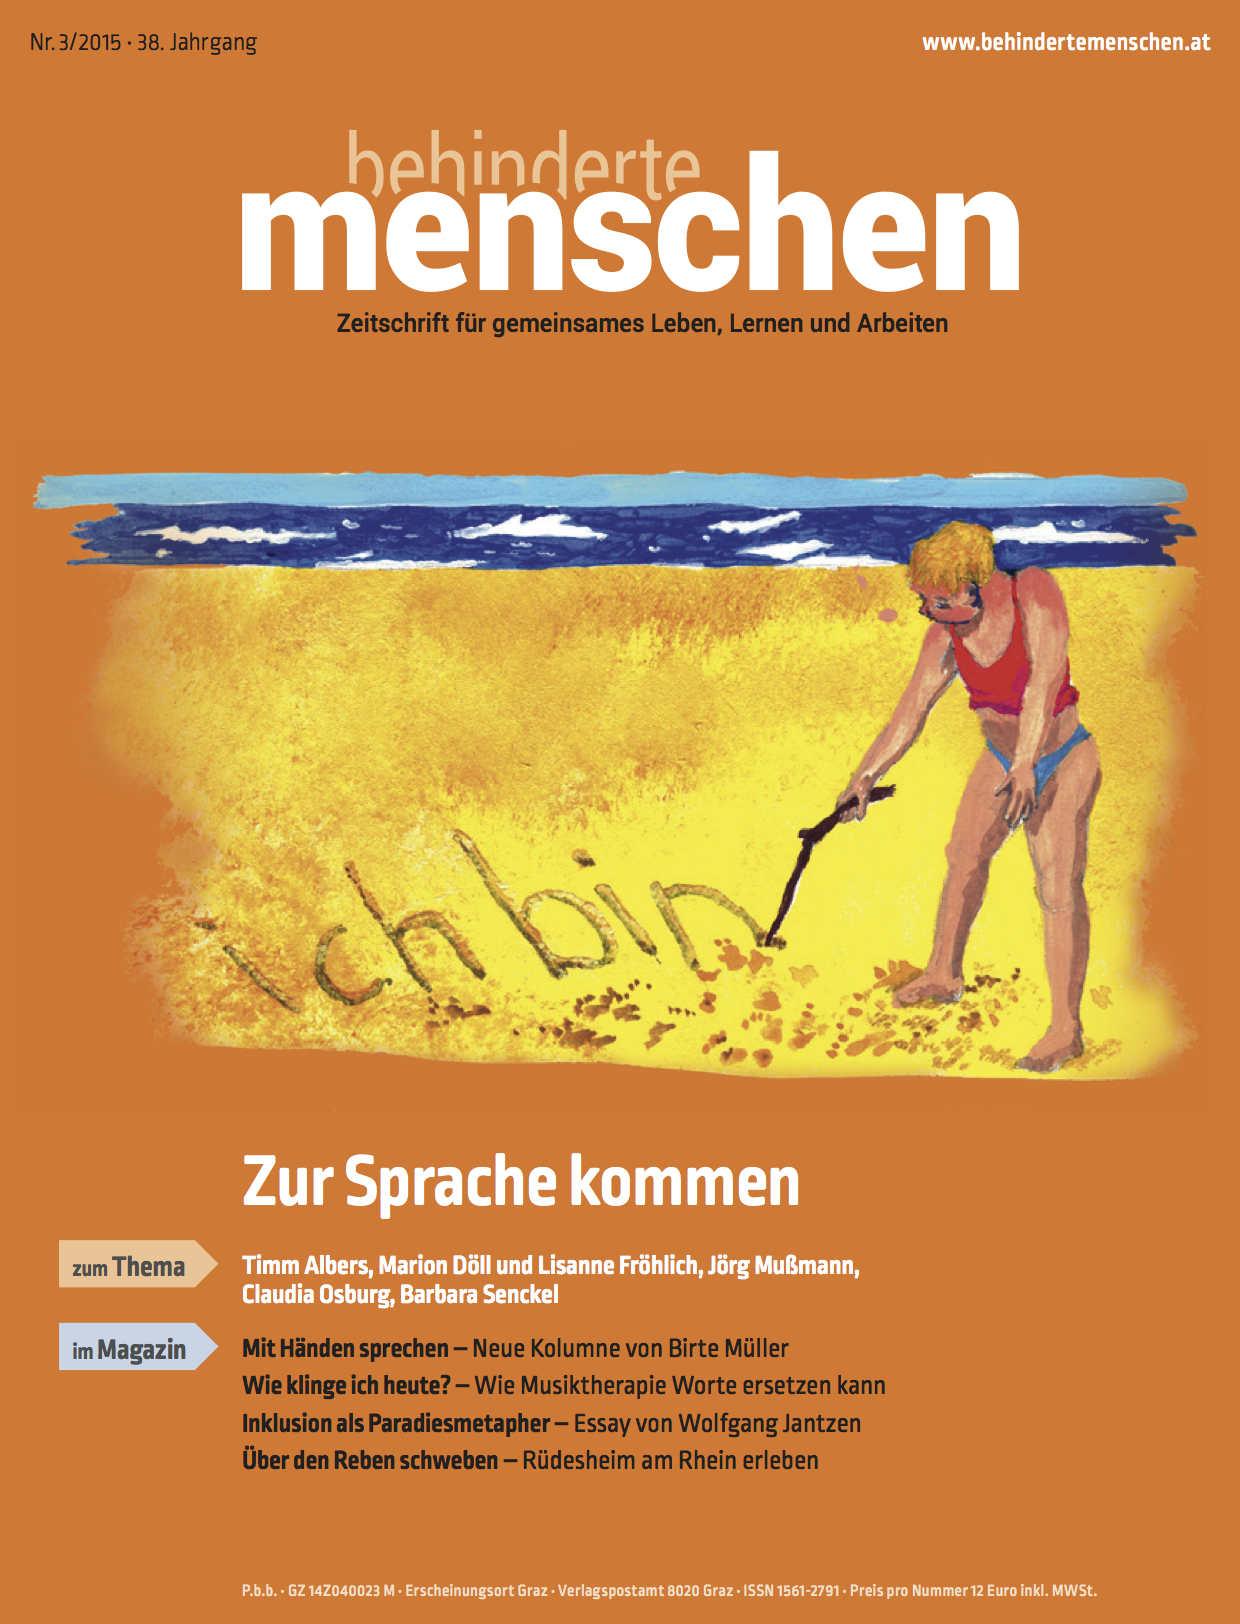 """Titelbild der Zeitschrift BEHINDERTE MENSCHEN, Ausgabe 3/2015 """"Zur Sprache kommen"""""""